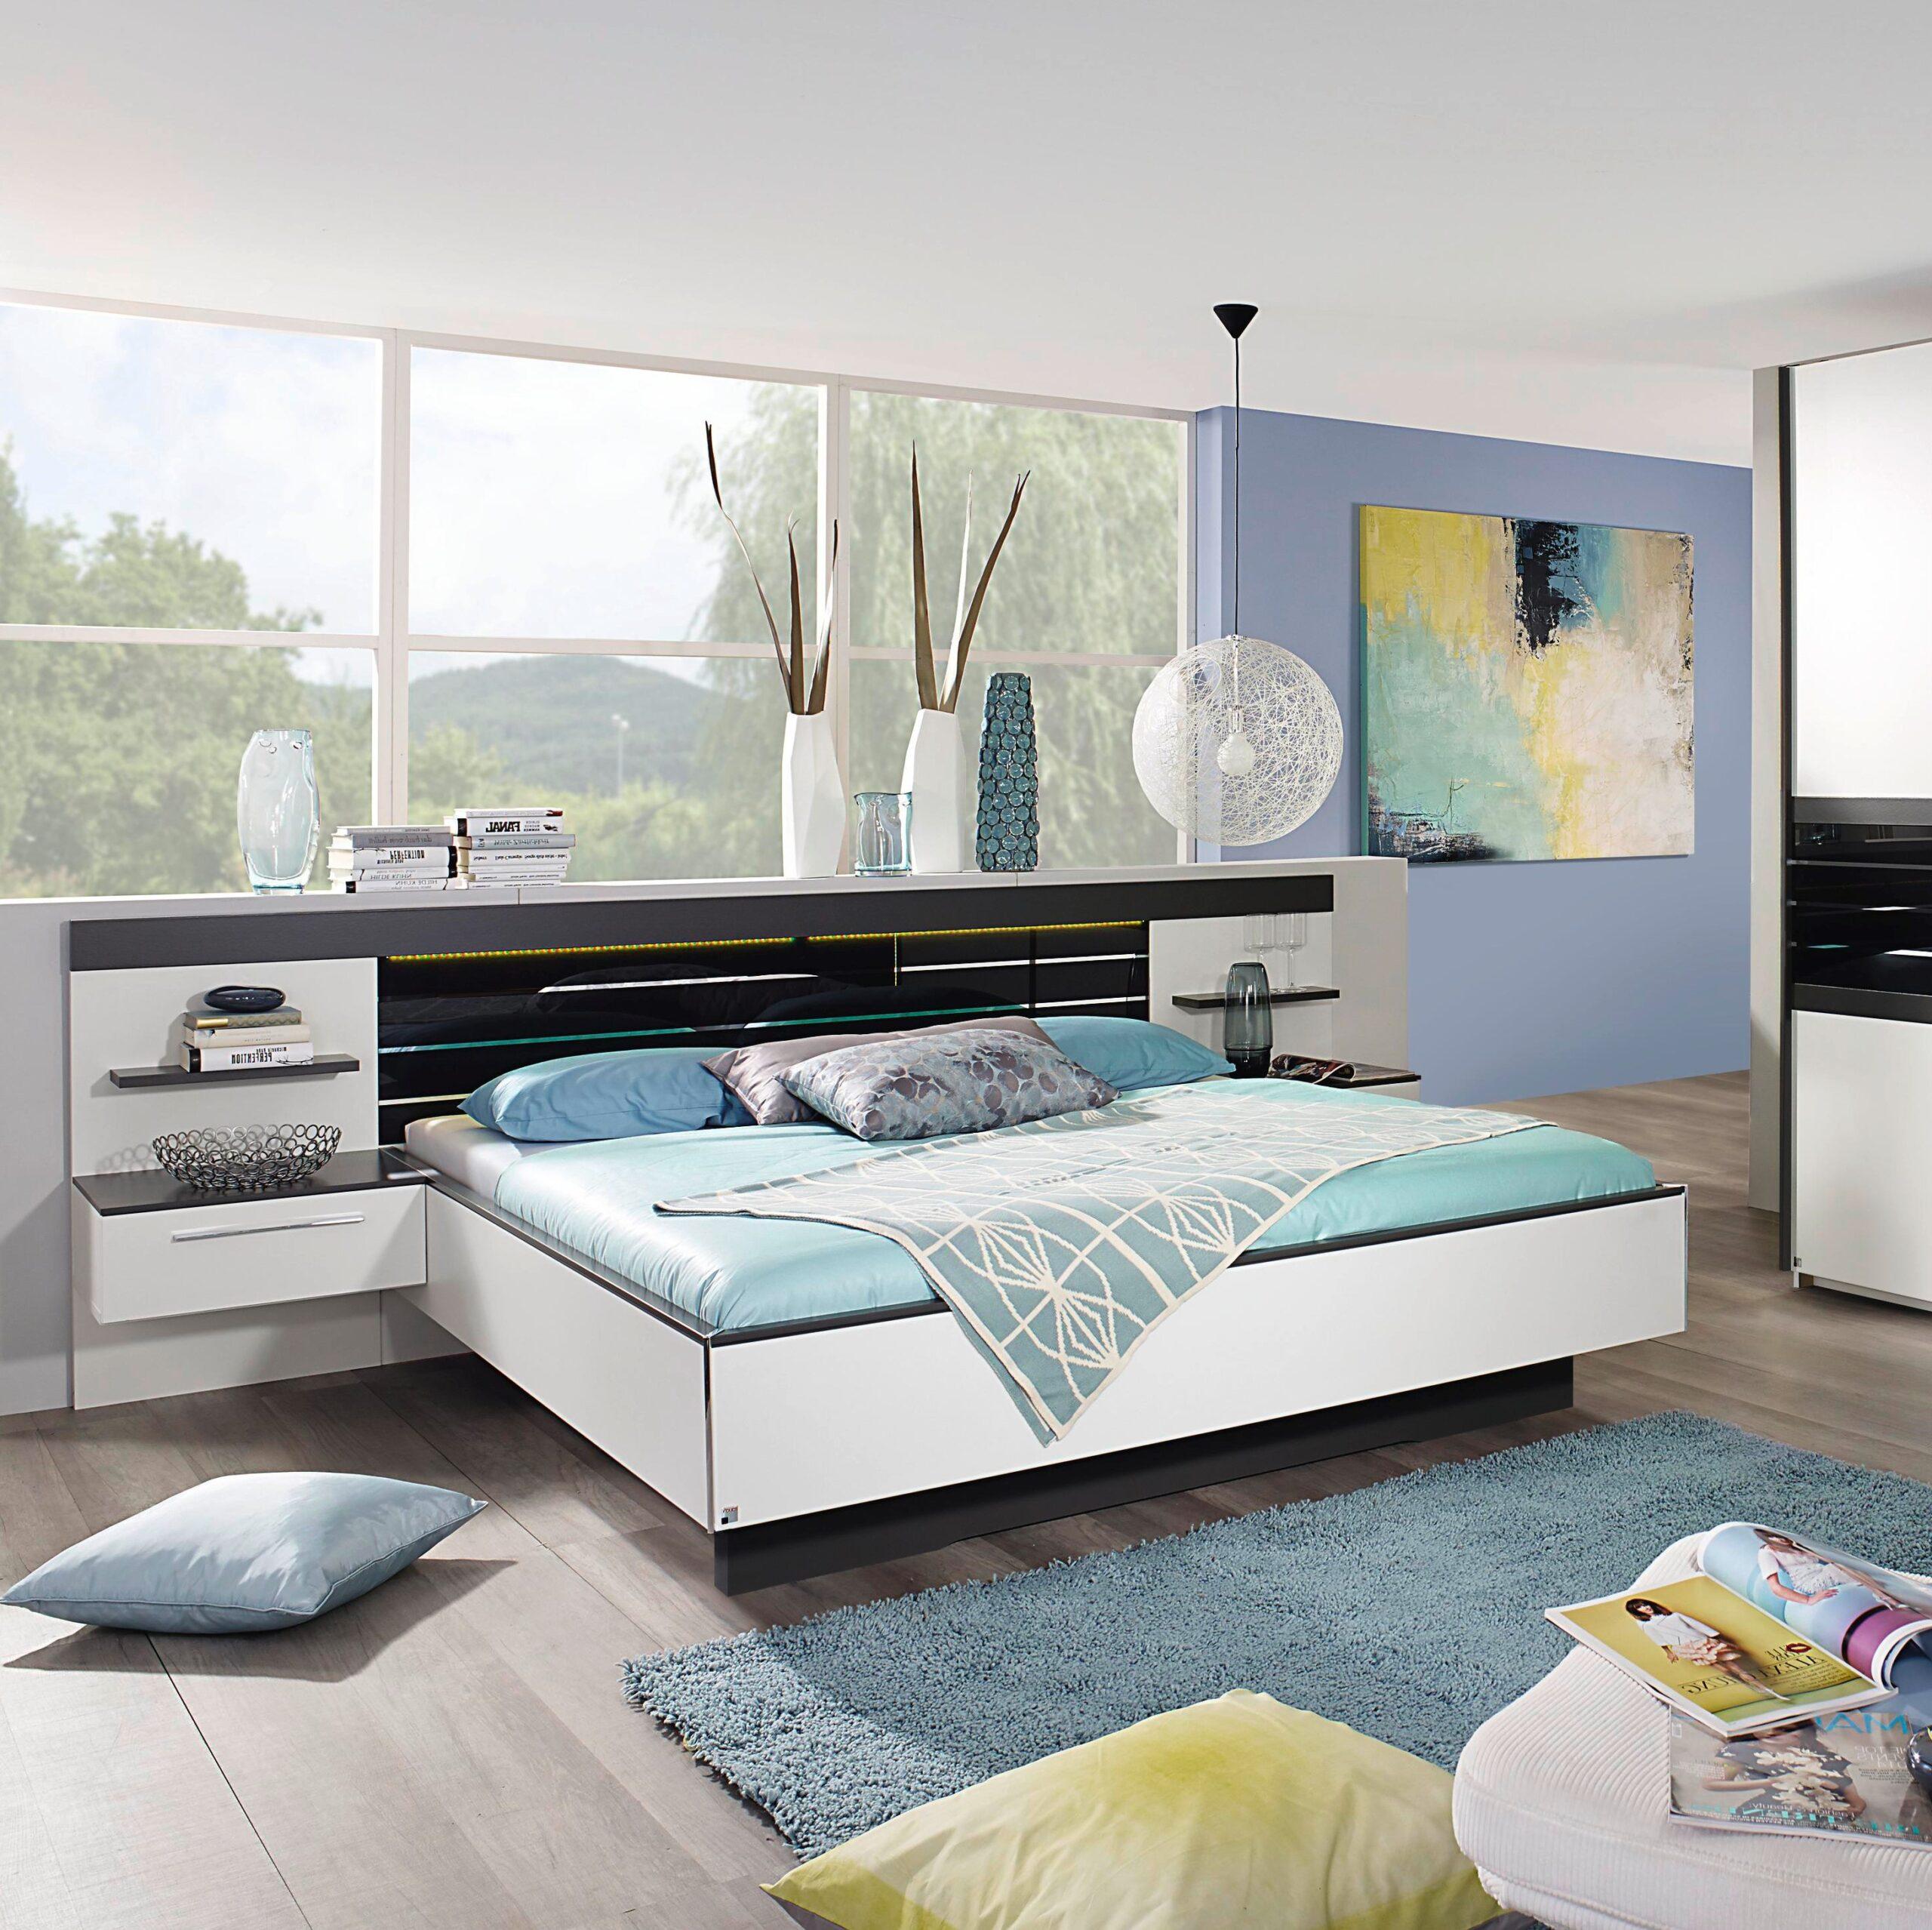 Full Size of Komplettbett 180x220 Komfortbett 180 220 Coleen Von Rauch Steffen Weiss Matt Graphit Bett Wohnzimmer Komplettbett 180x220